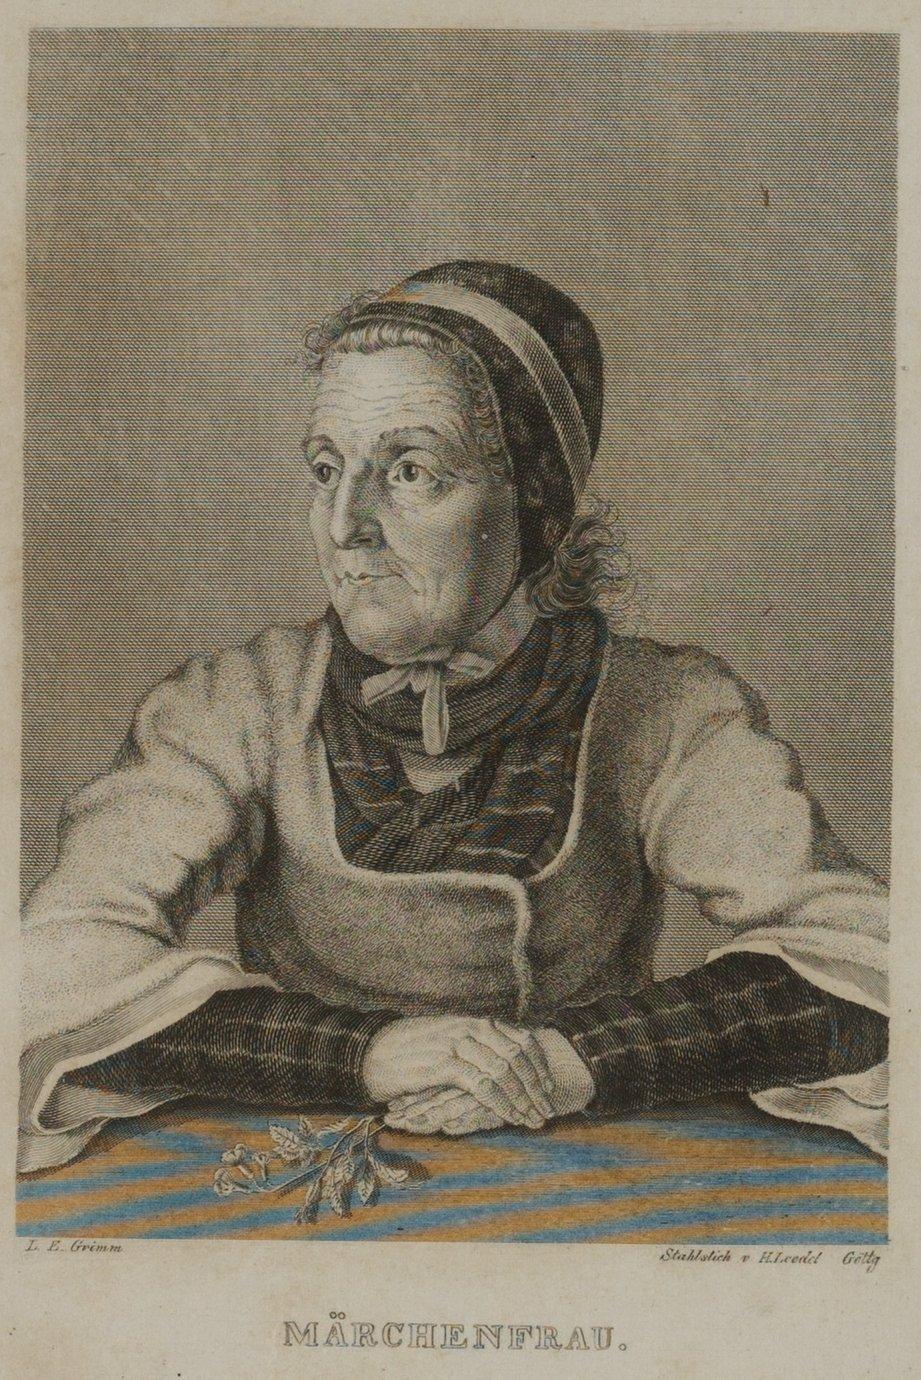 Kinder- und Hausmärchen / Die_Maerchenfrau.jpg (Wikimedia Commons)